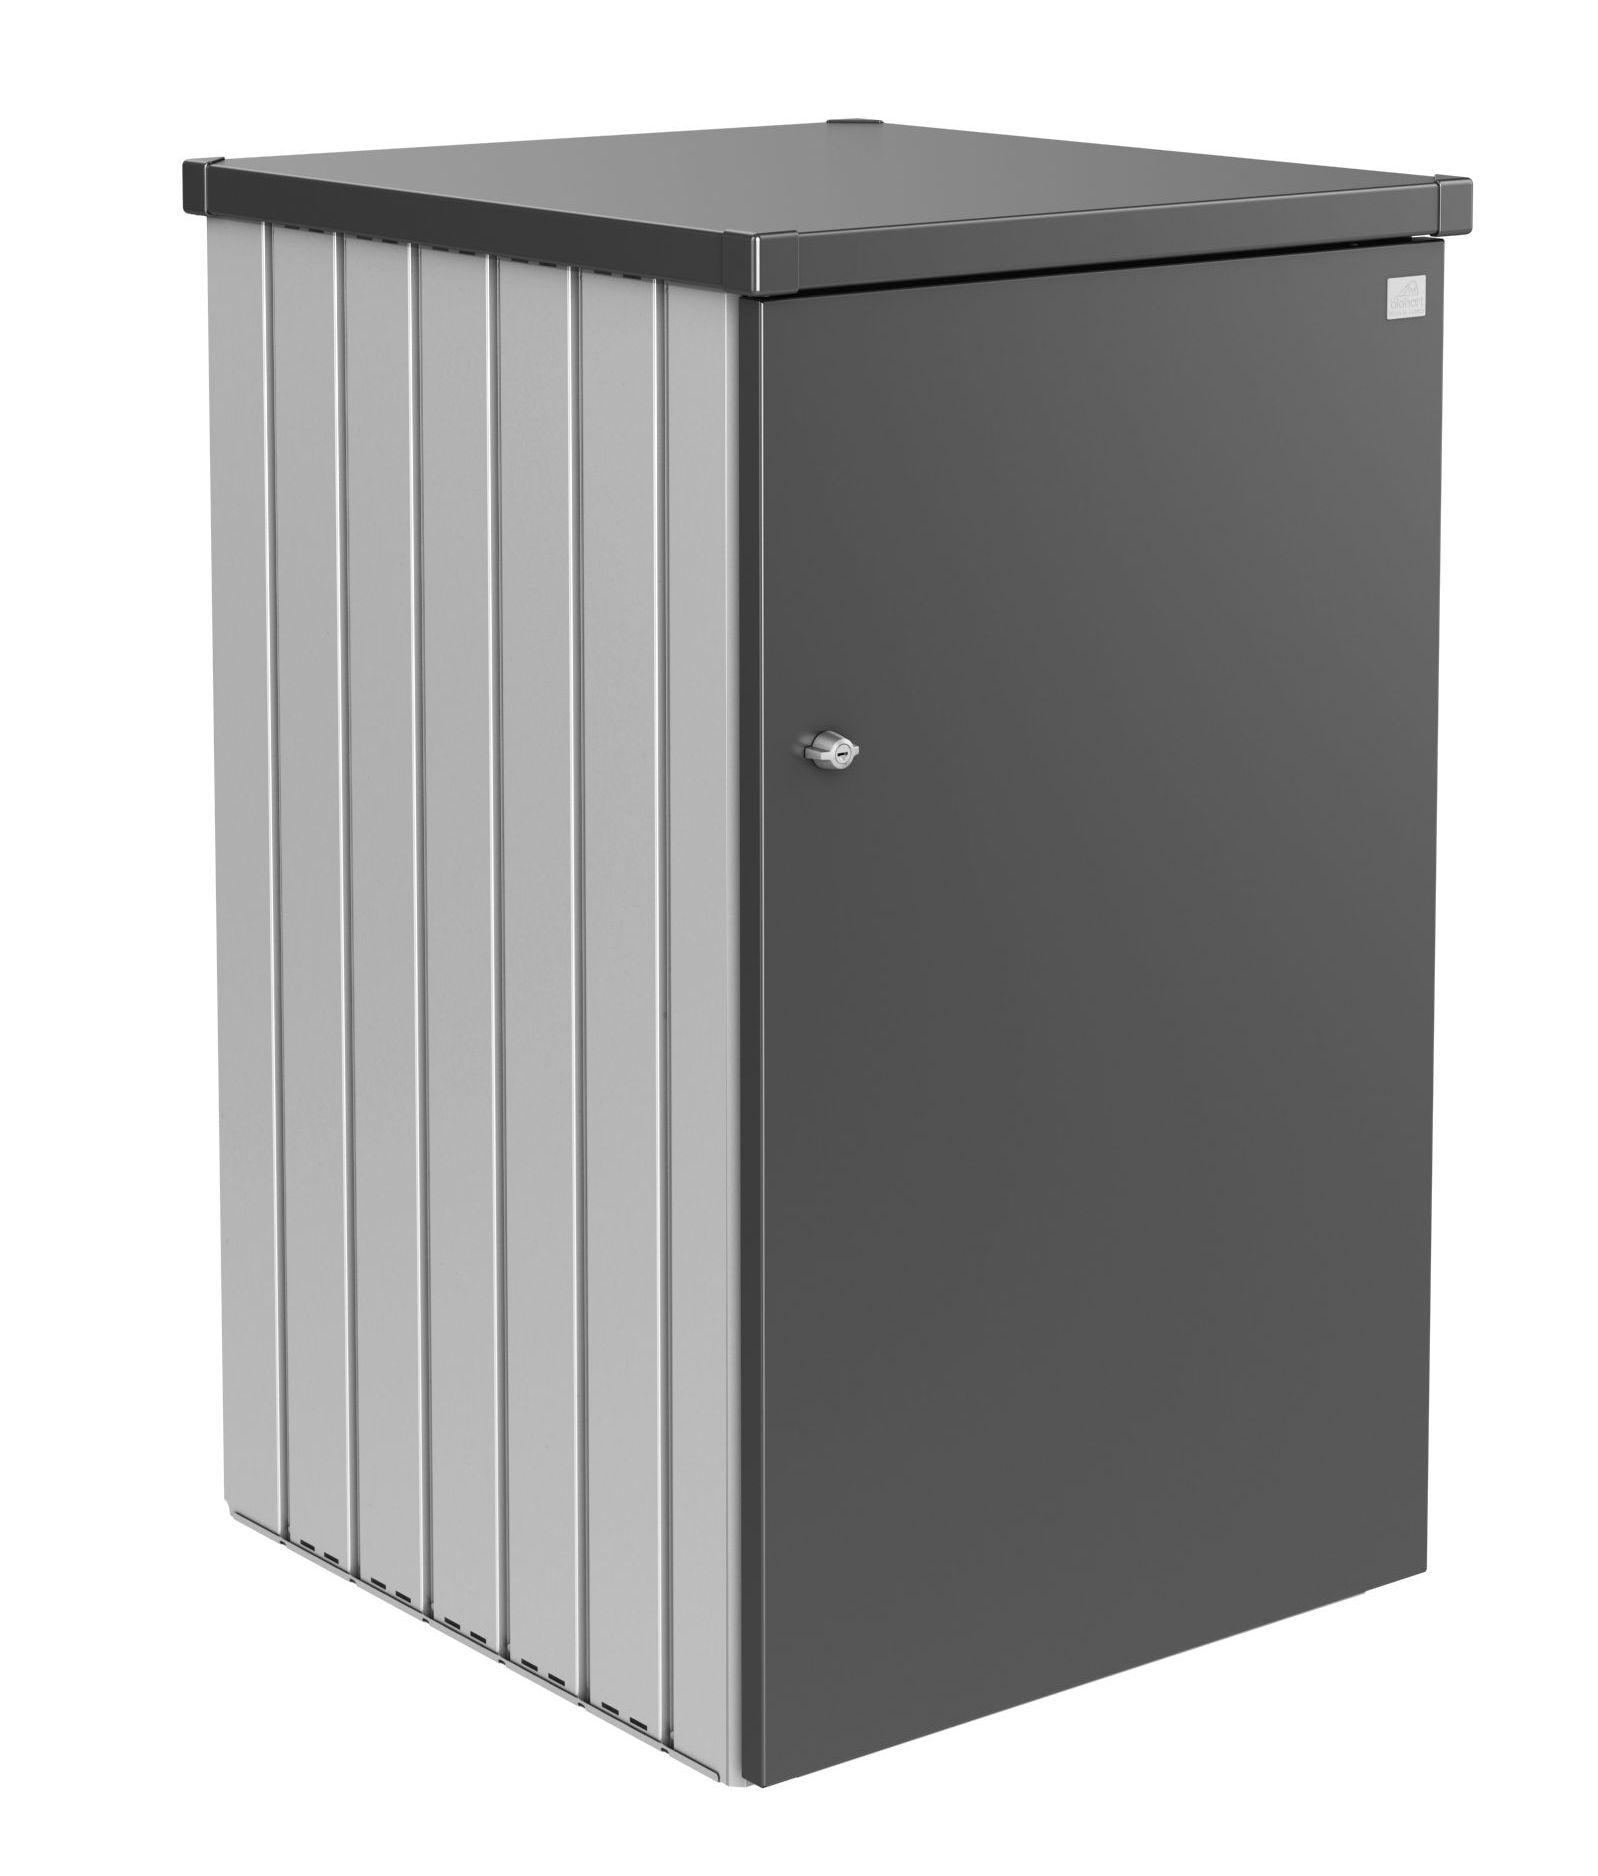 Biohort Box na popelnici Alex 1.3, stříbrná metalíza/tmavě šedá metalíza